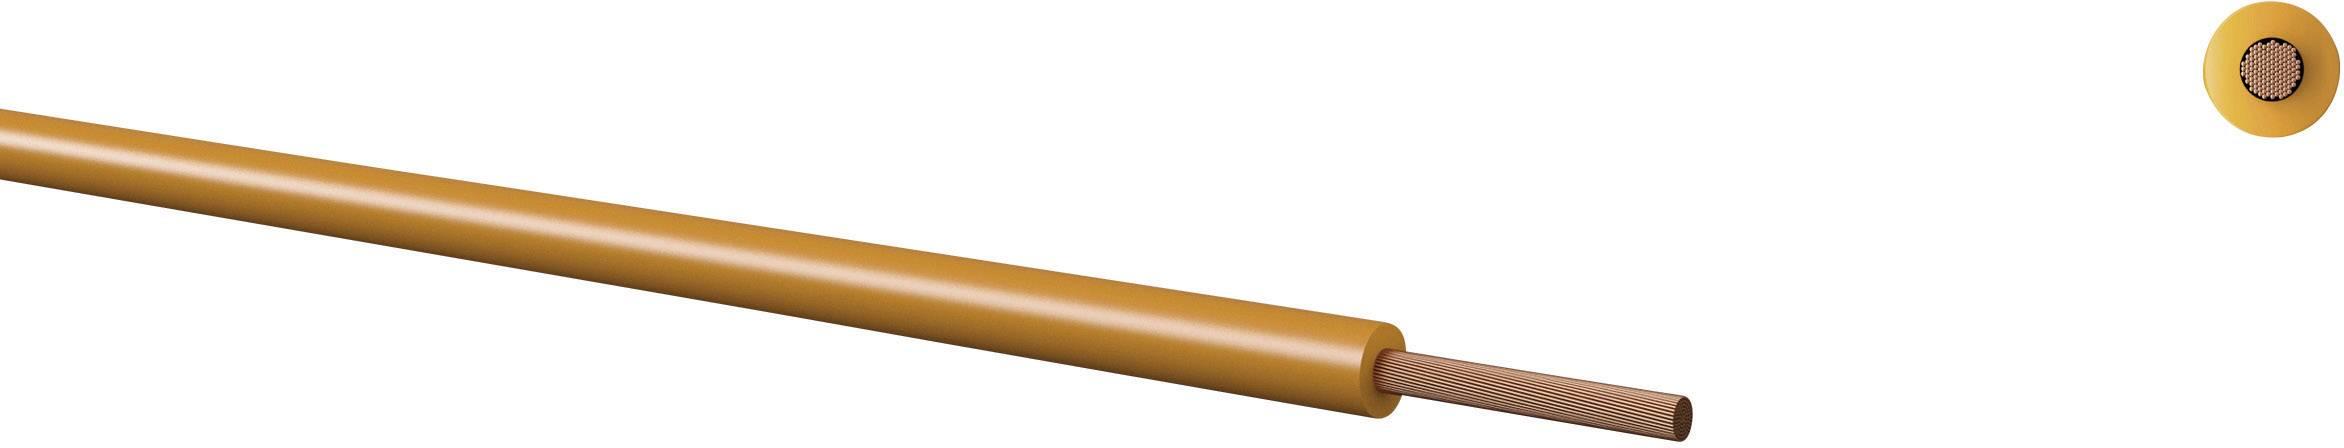 Opletenie / lanko Kabeltronik 160115009 LiFY, 1 x 1.50 mm², vonkajší Ø 3.40 mm, metrový tovar, čierna